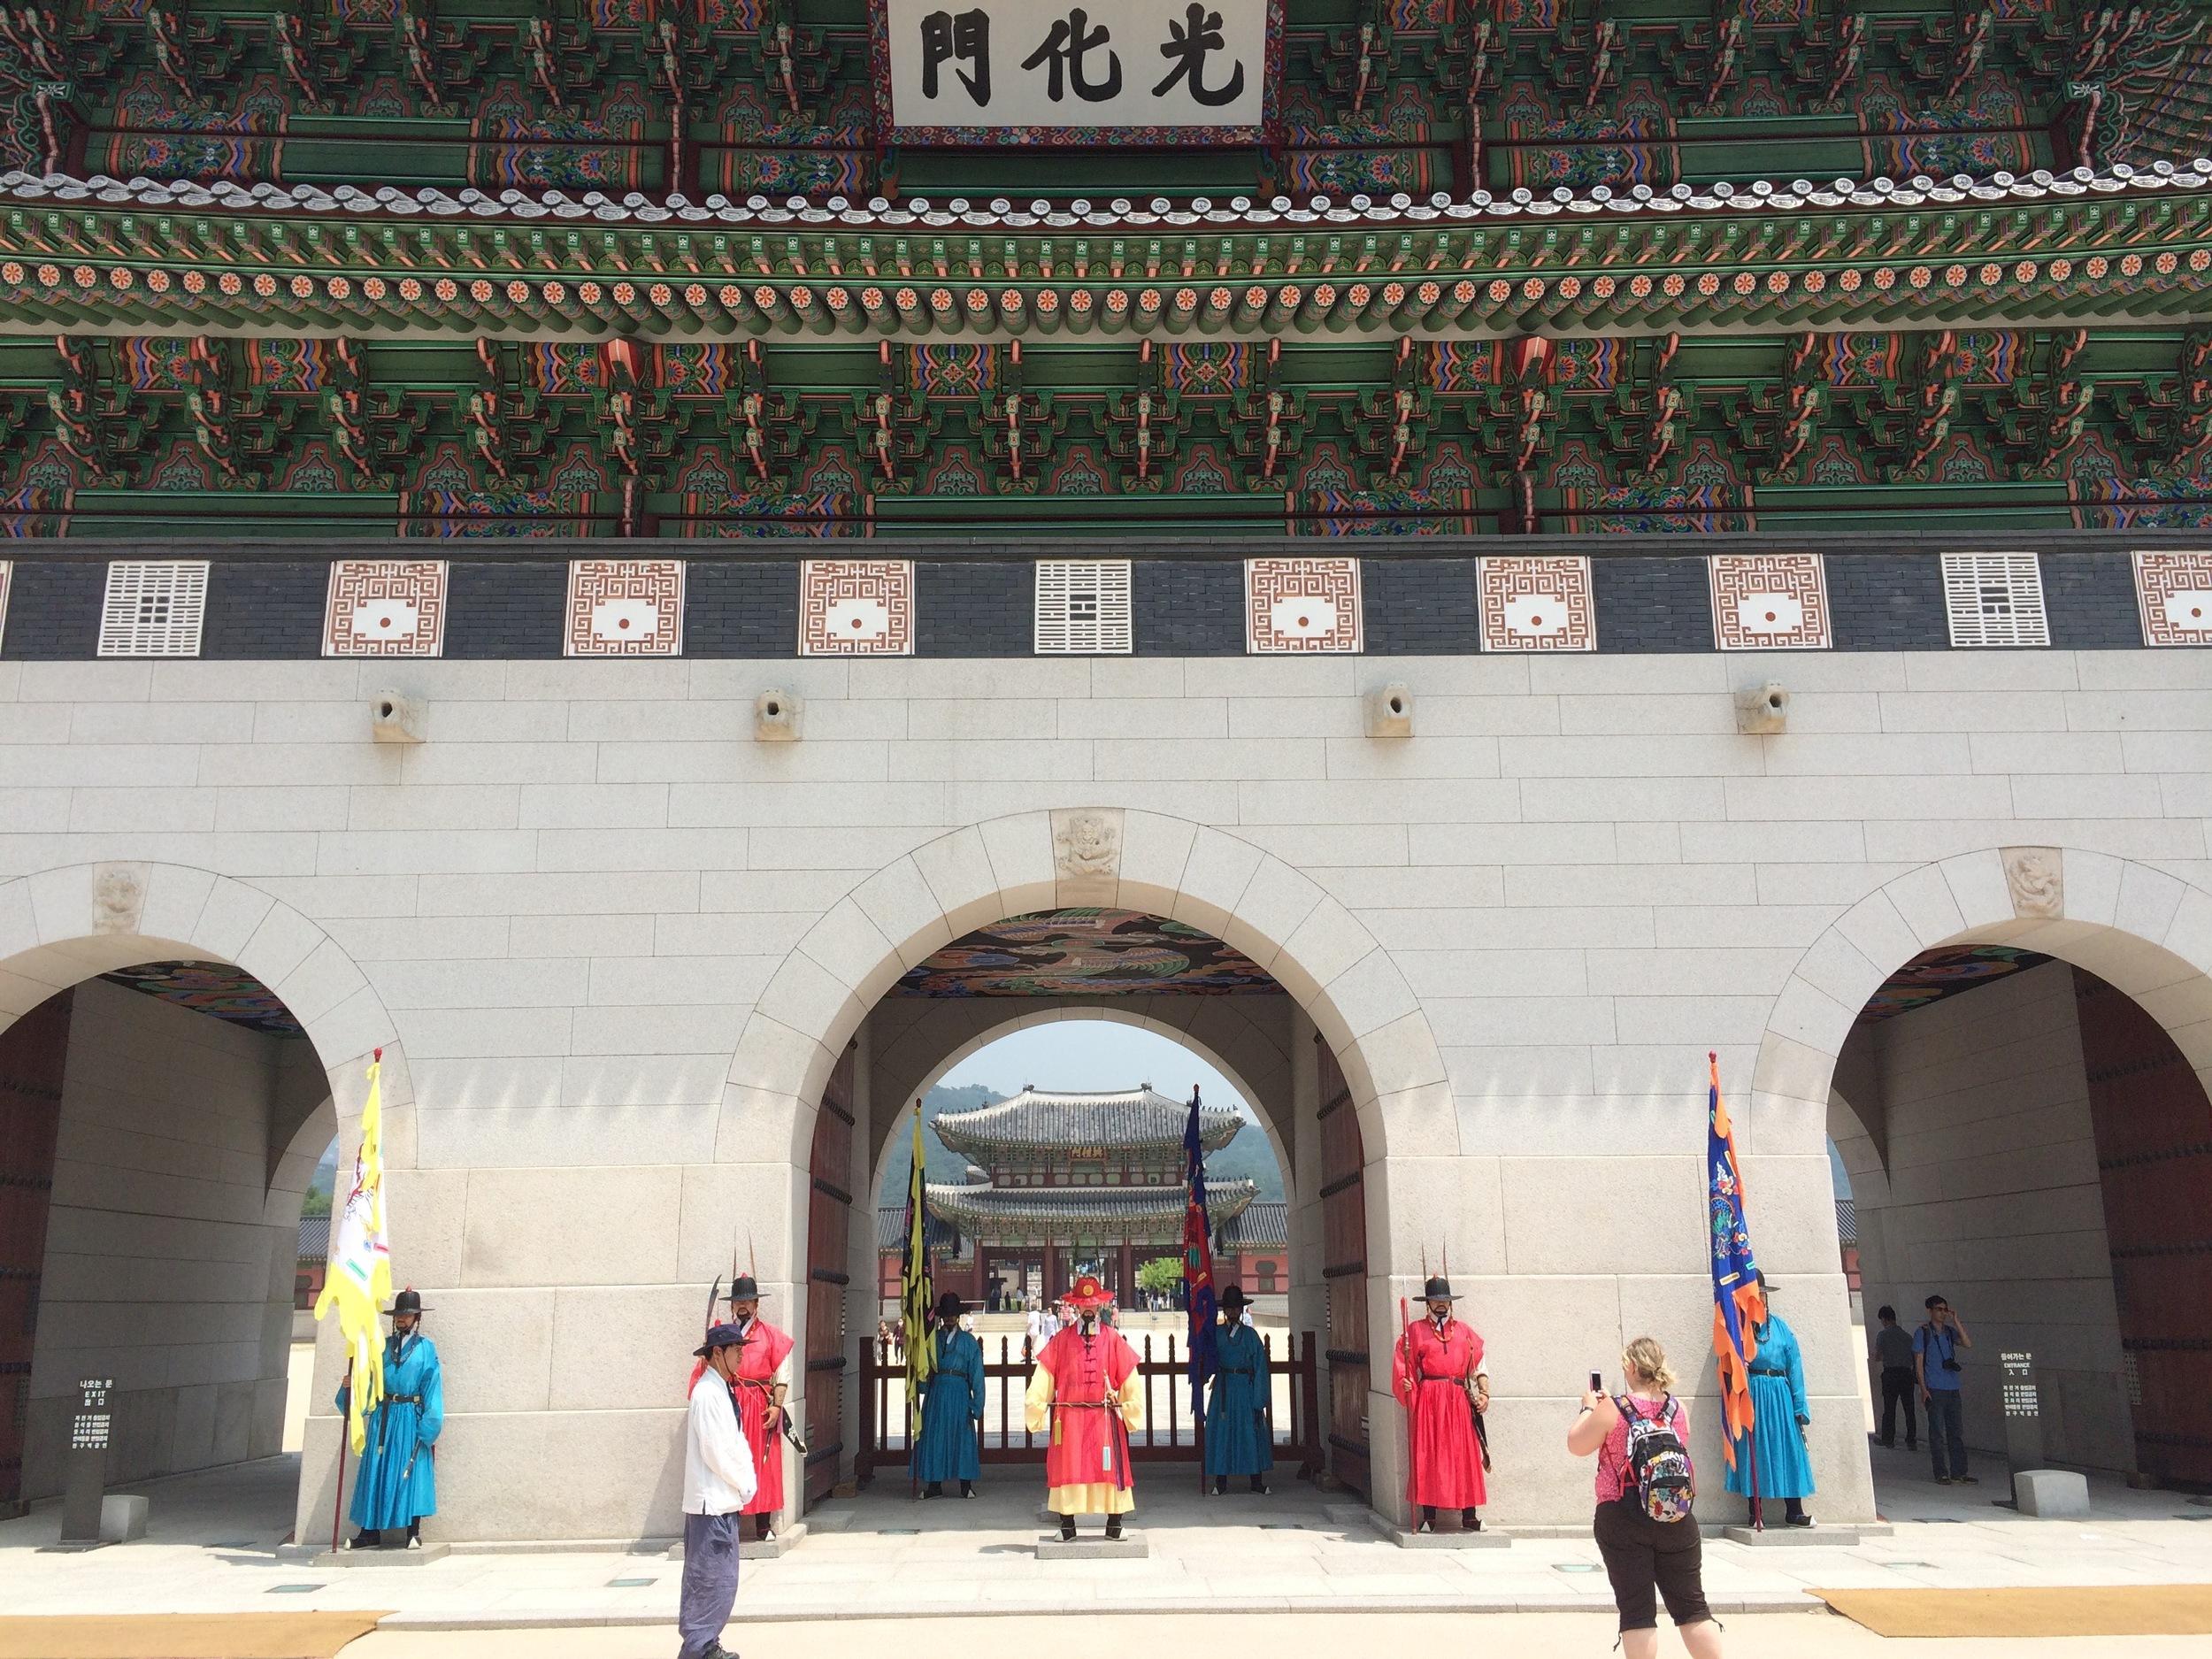 National GuardatGyeongbokgung Palace